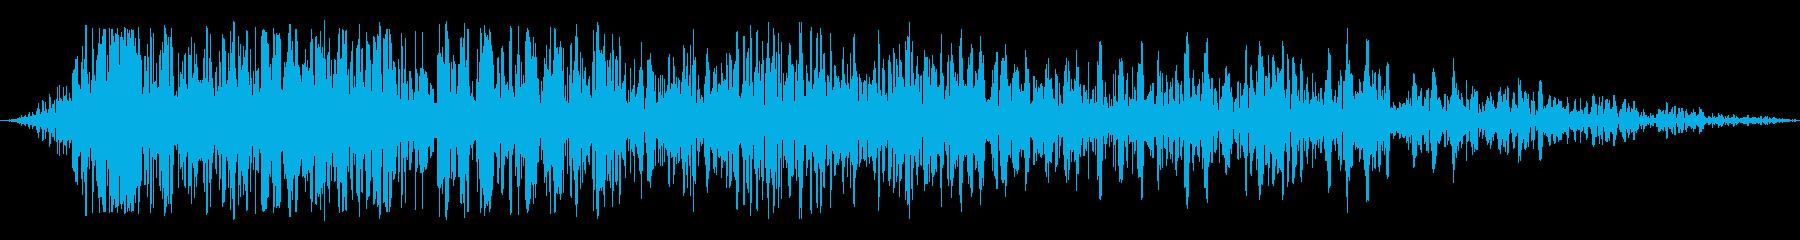 激しい炎(長め)の再生済みの波形